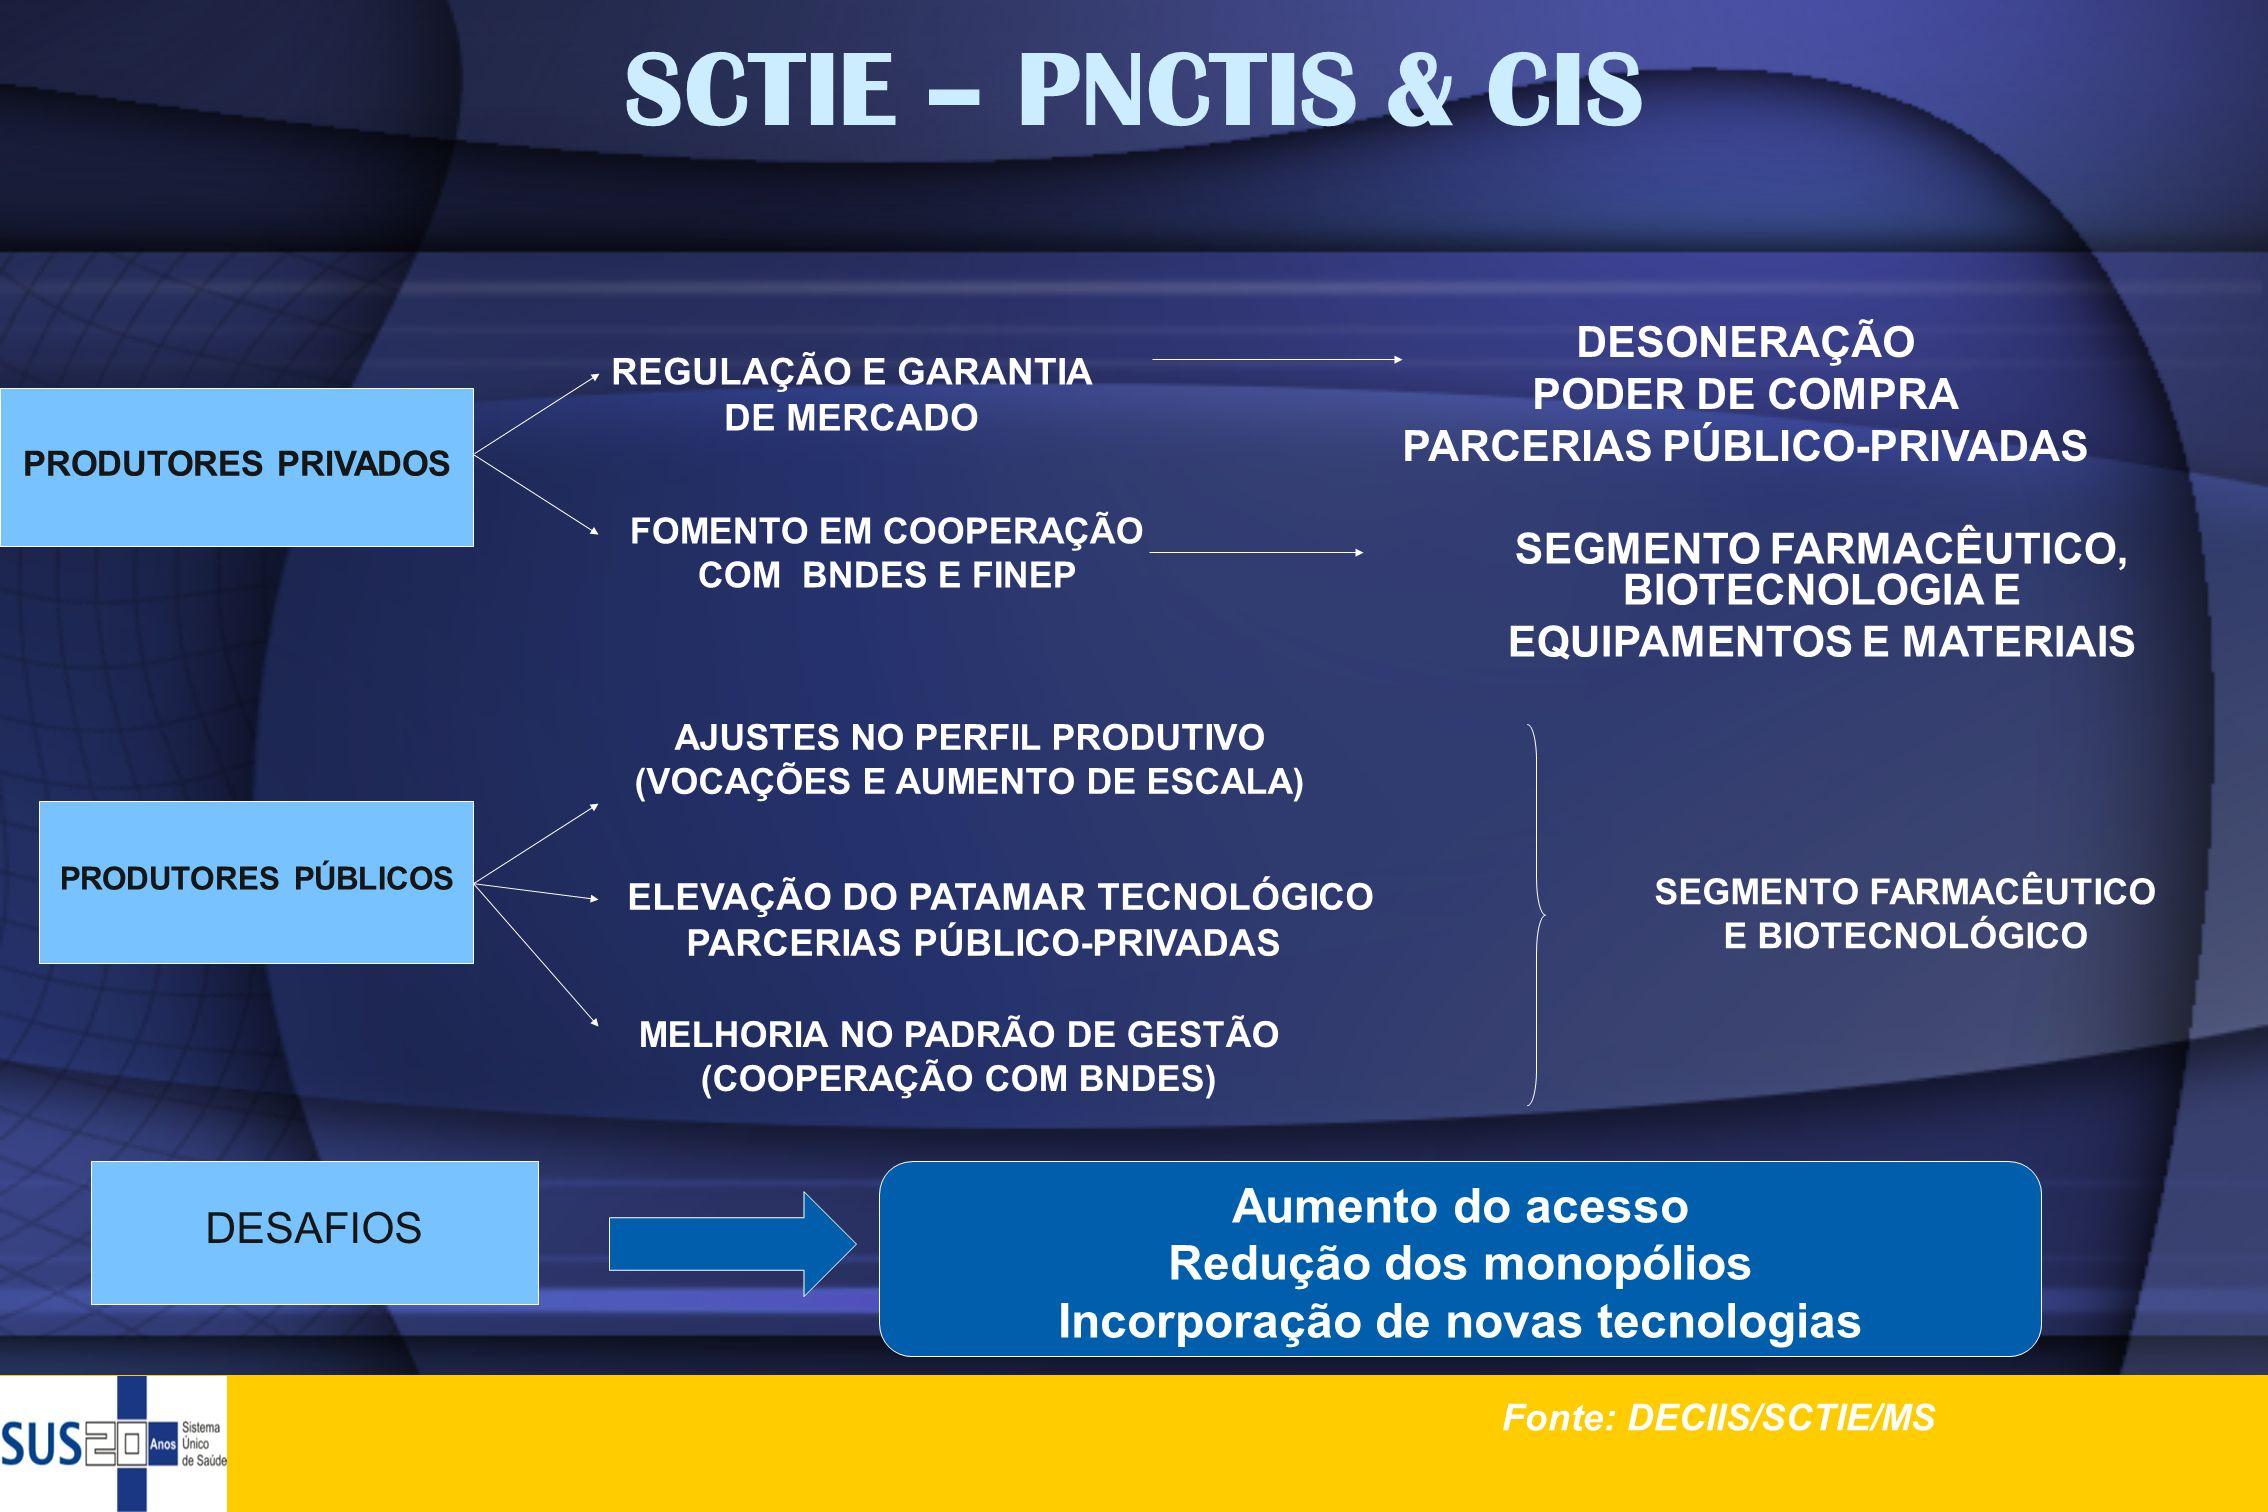 CIS - Investimentos realizados nos laboratórios públicos (2000-2010) Fonte: Consolidado pelo DECIIS com dados do Gescom/Sisport/MS